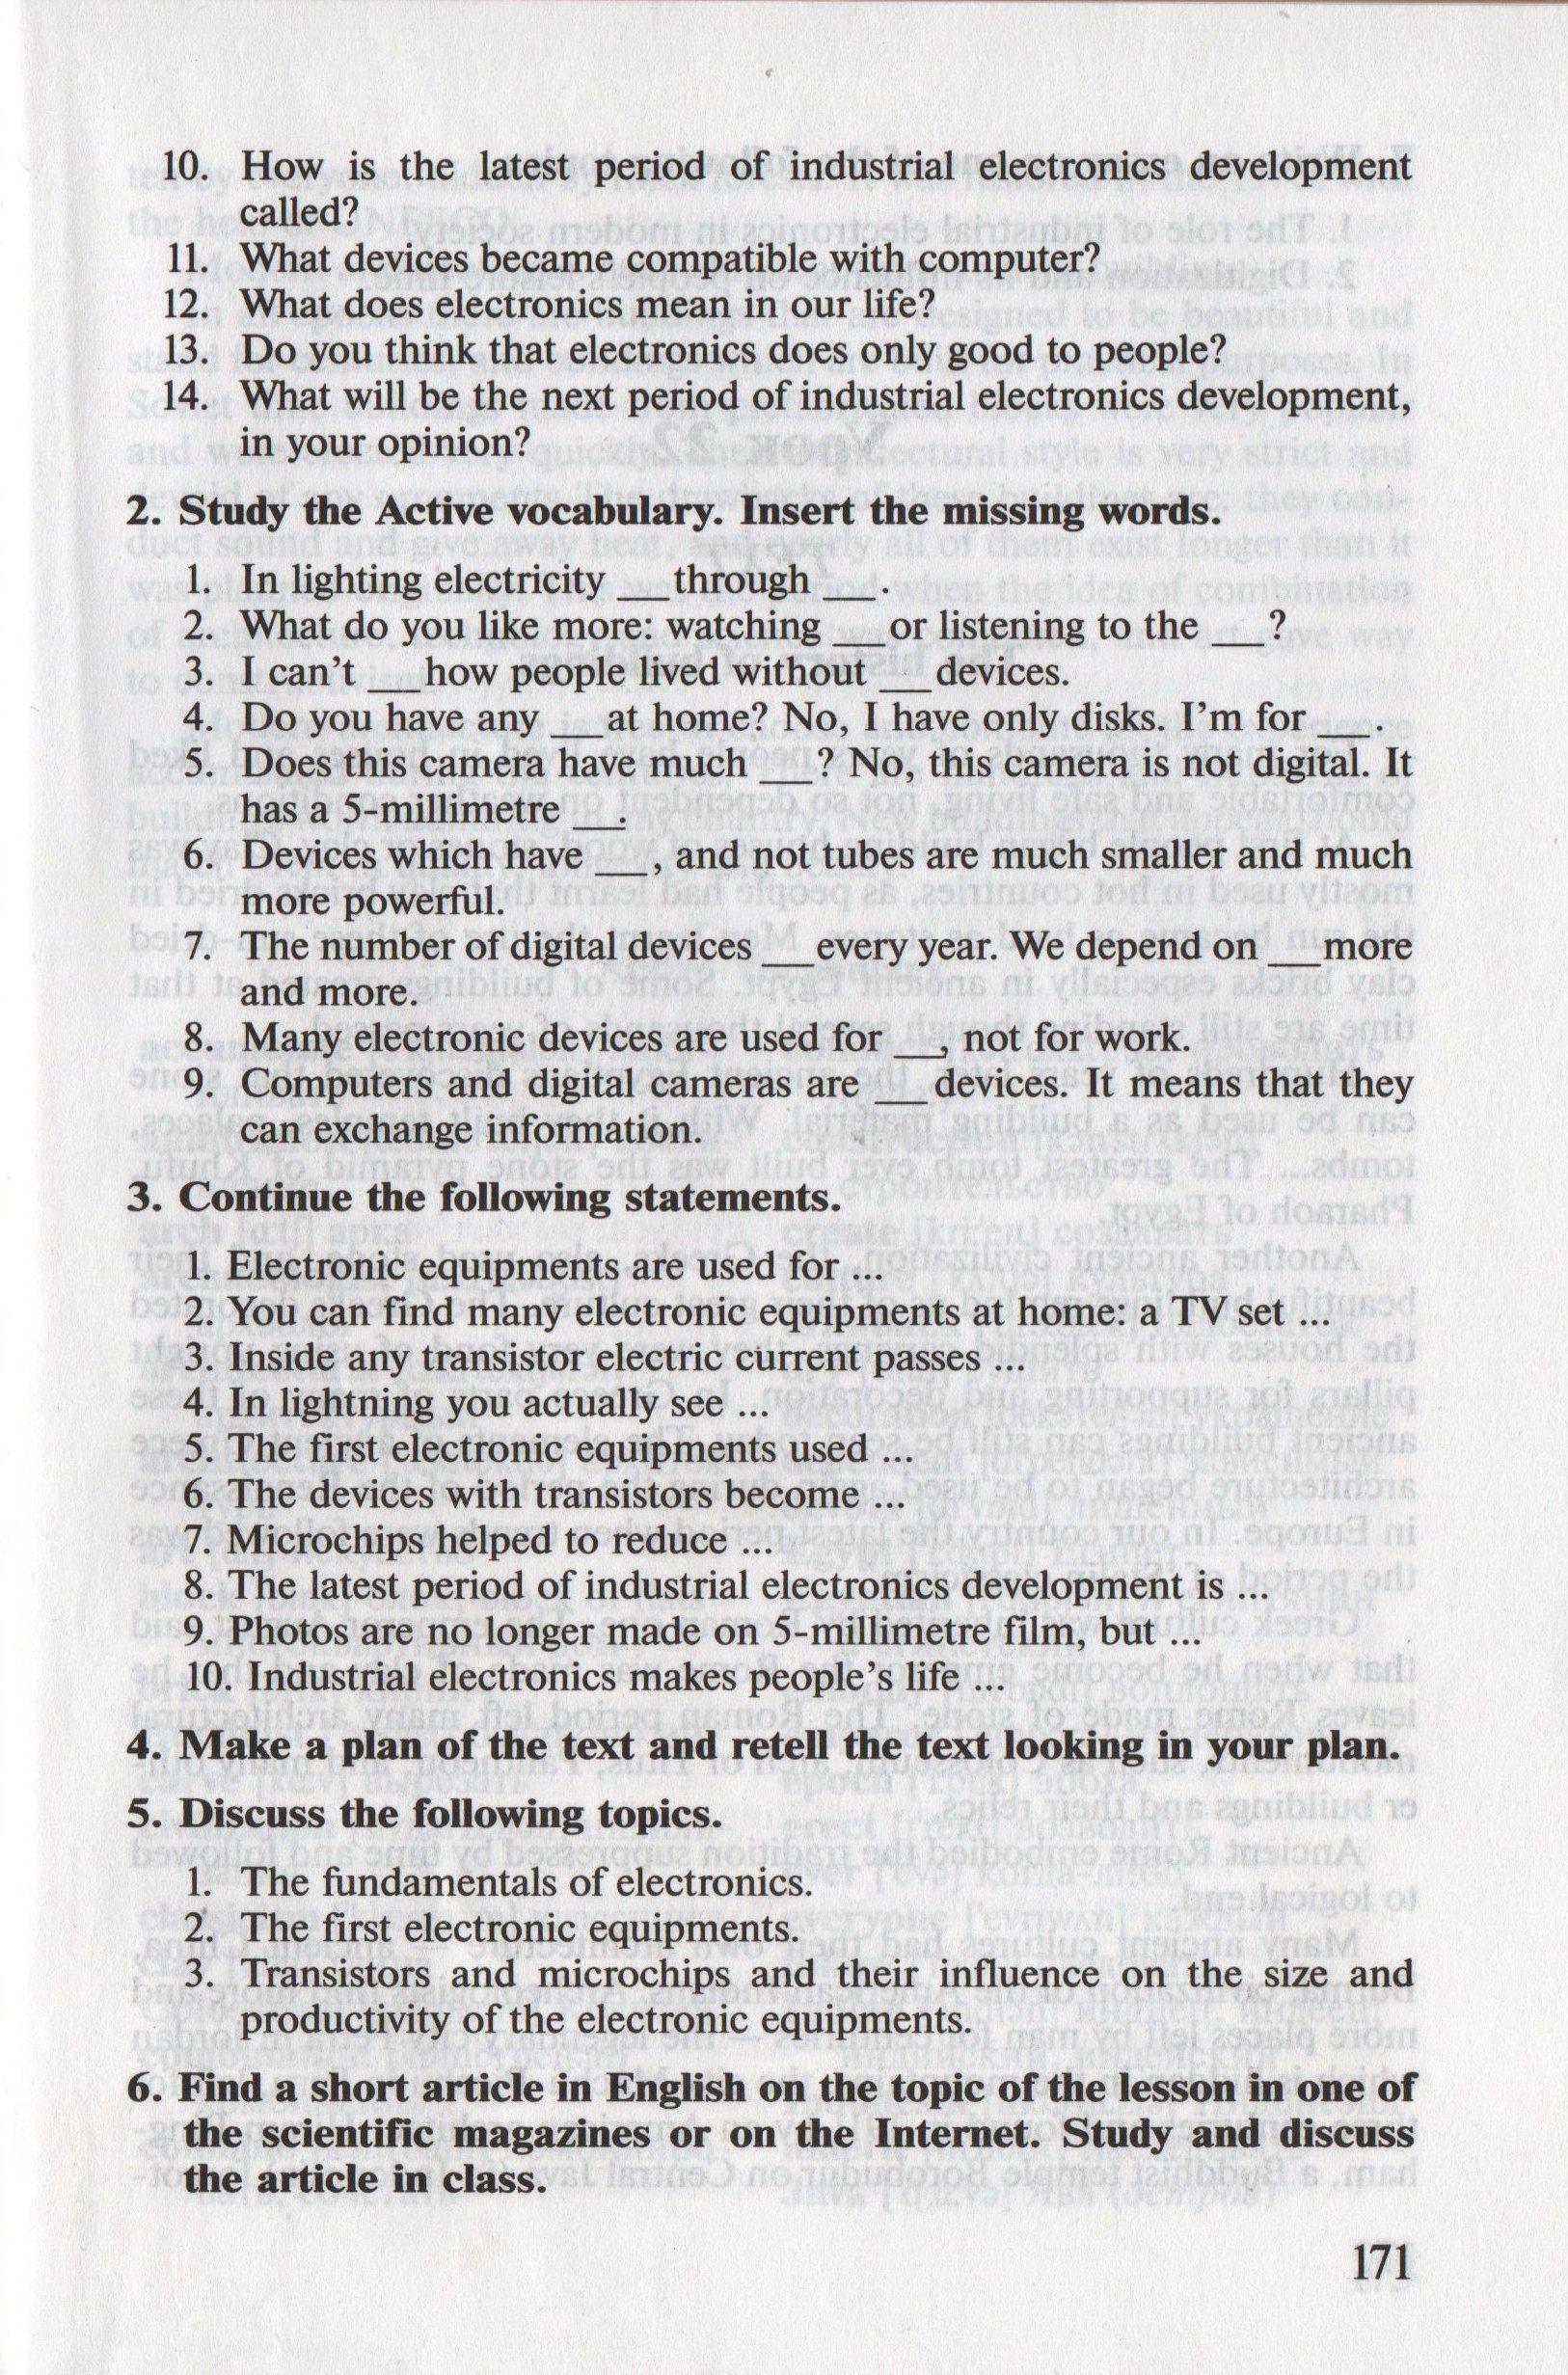 Решебник По Английскому Языку Для Технических Специальностей А.п.голубев А.п.коржавый И.б.смирнова